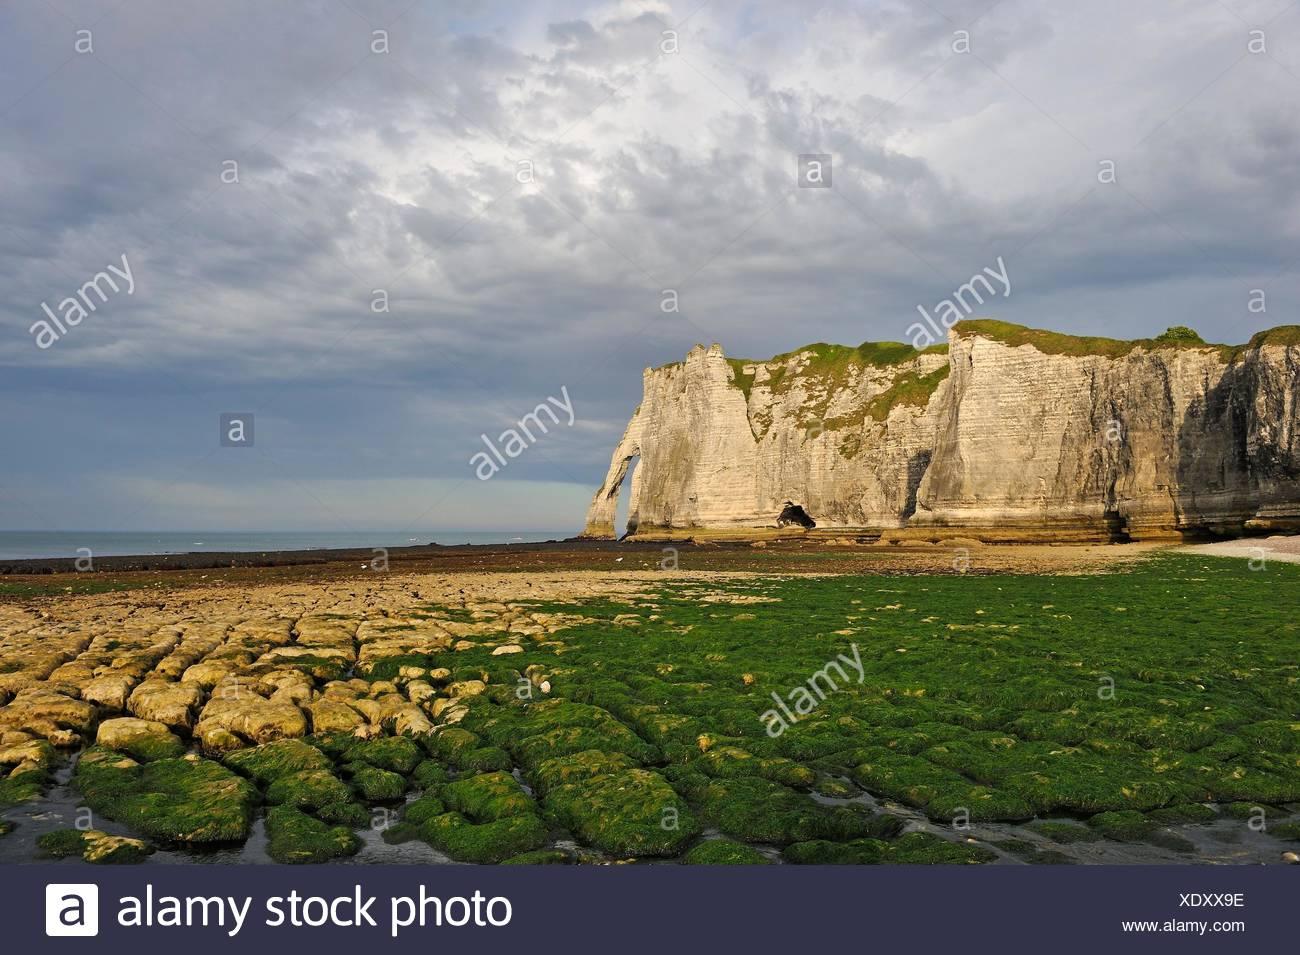 El embalse en la marea baja y cliff, Etretat Seine-Maritime, departamento, región de Normandía, Francia, Europa. Foto de stock